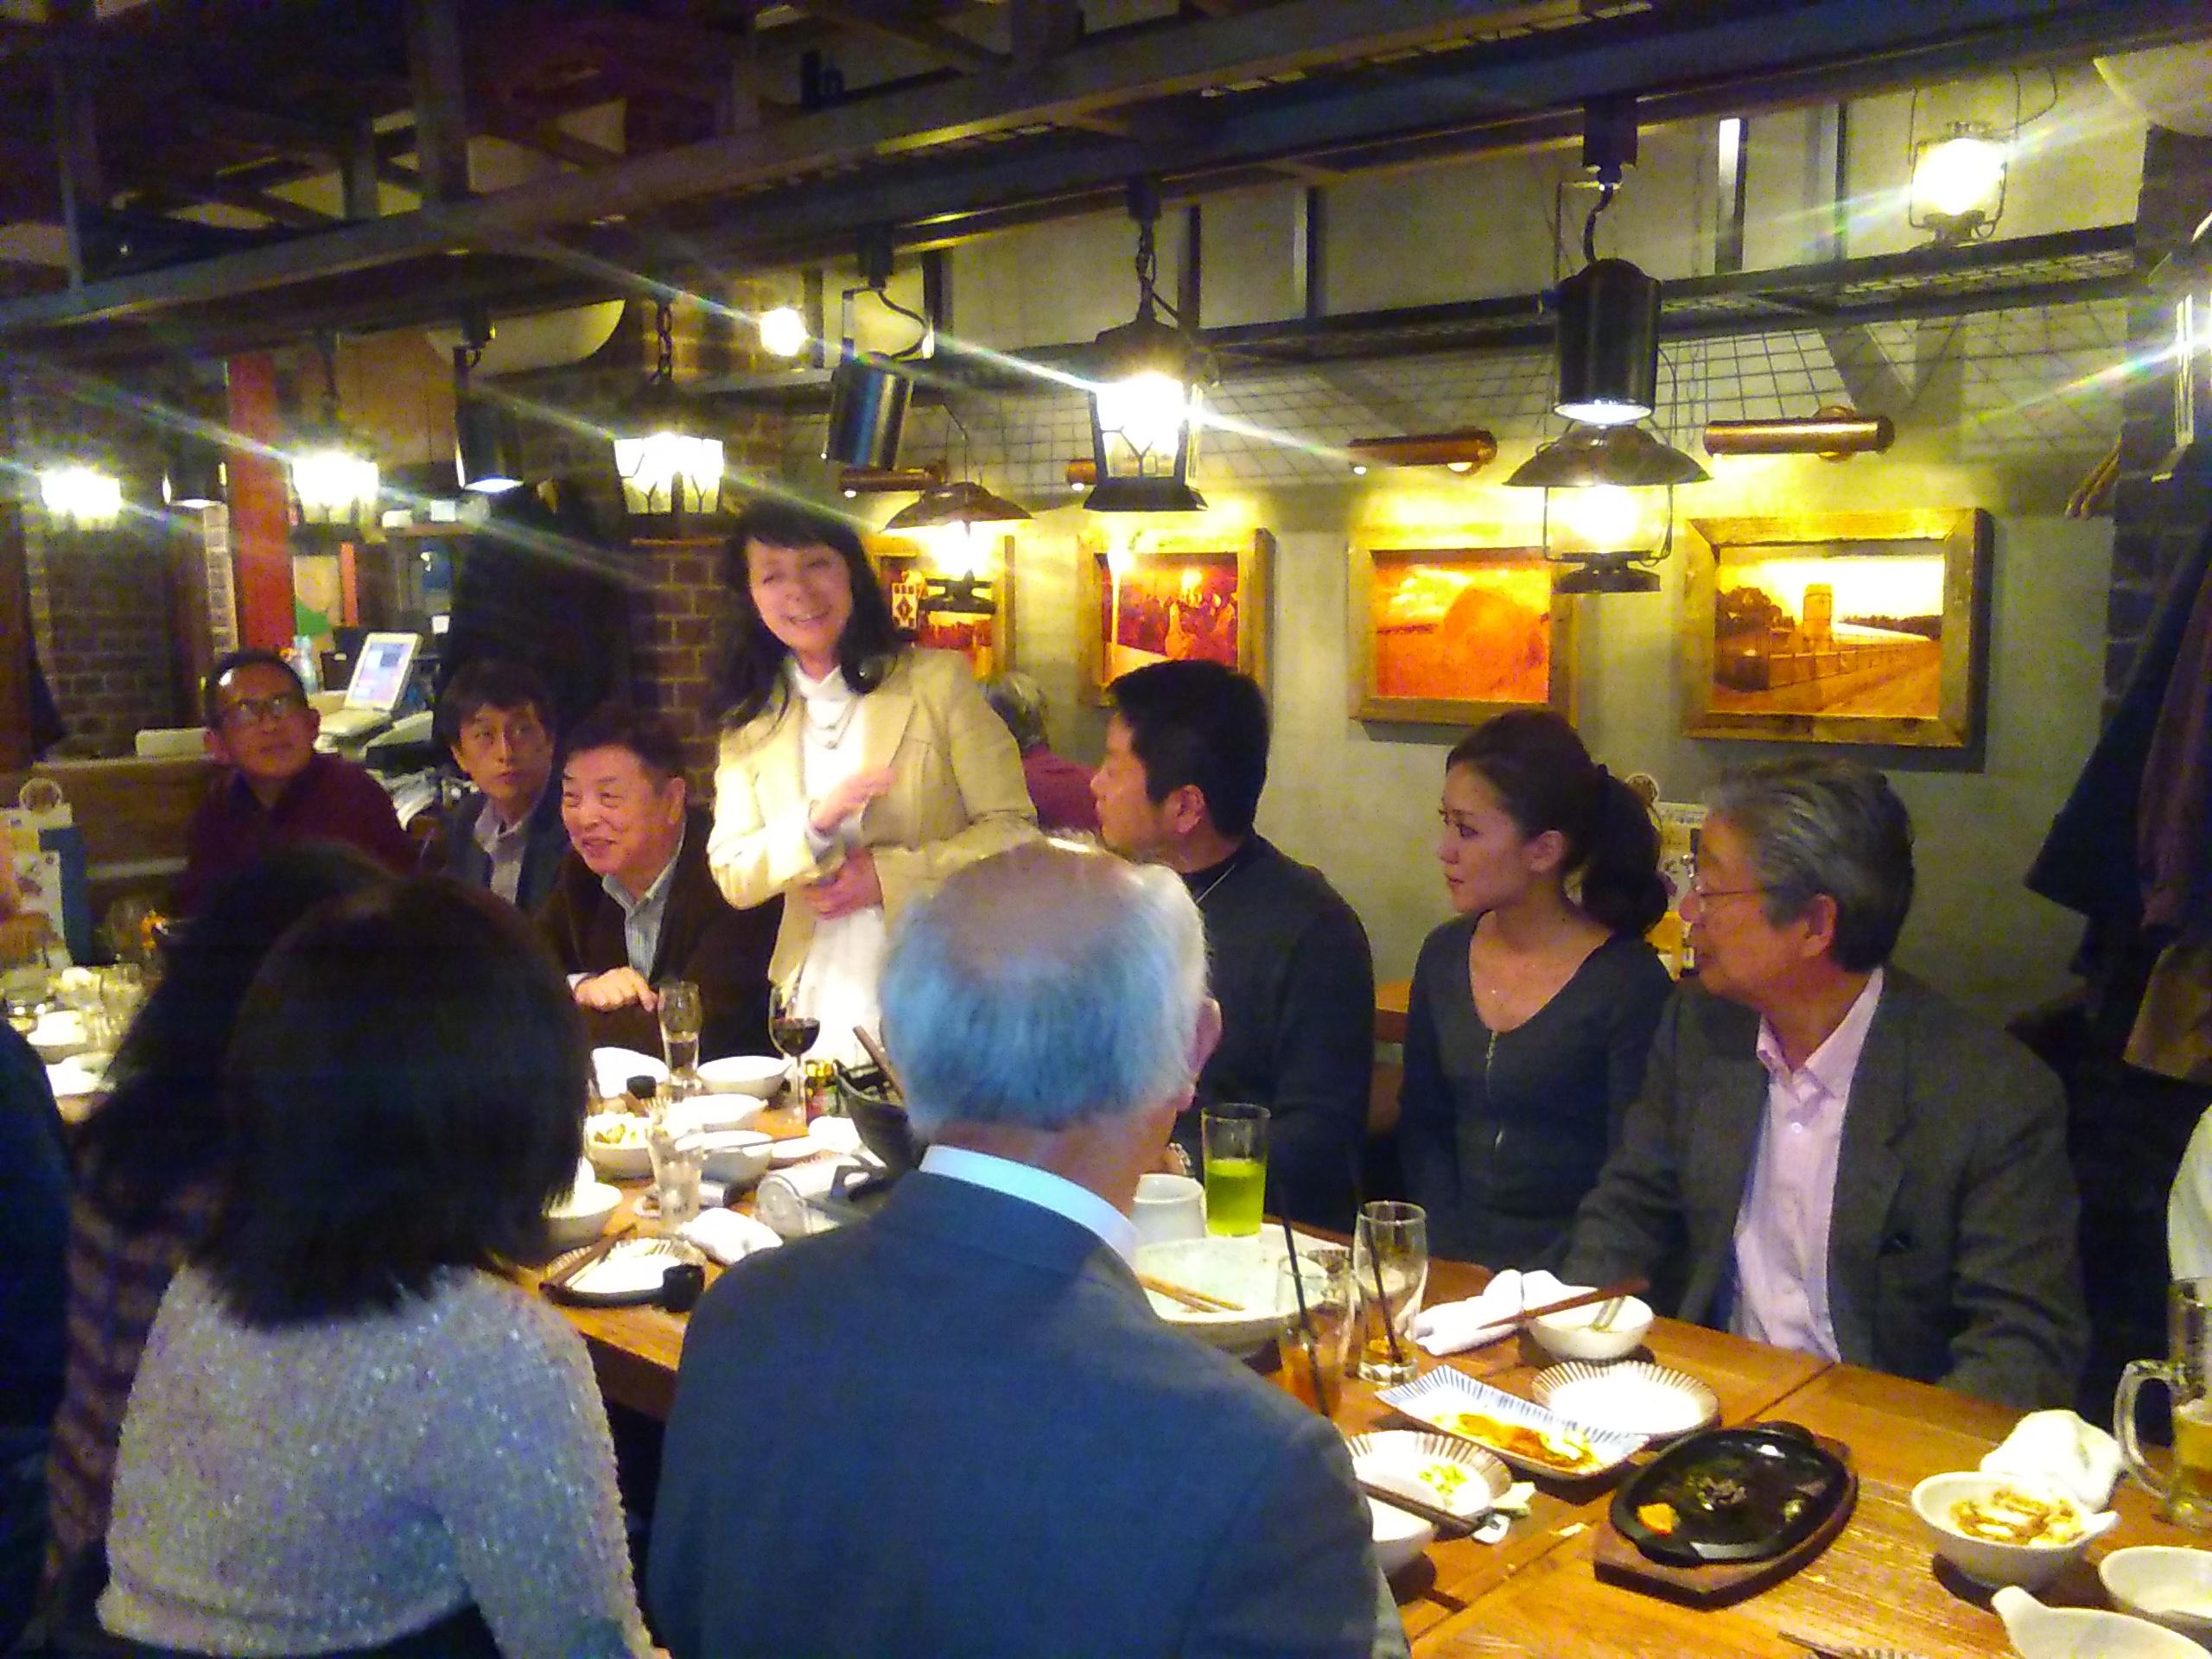 KIMG0227 - 4月1日東京思風塾の開催になります。